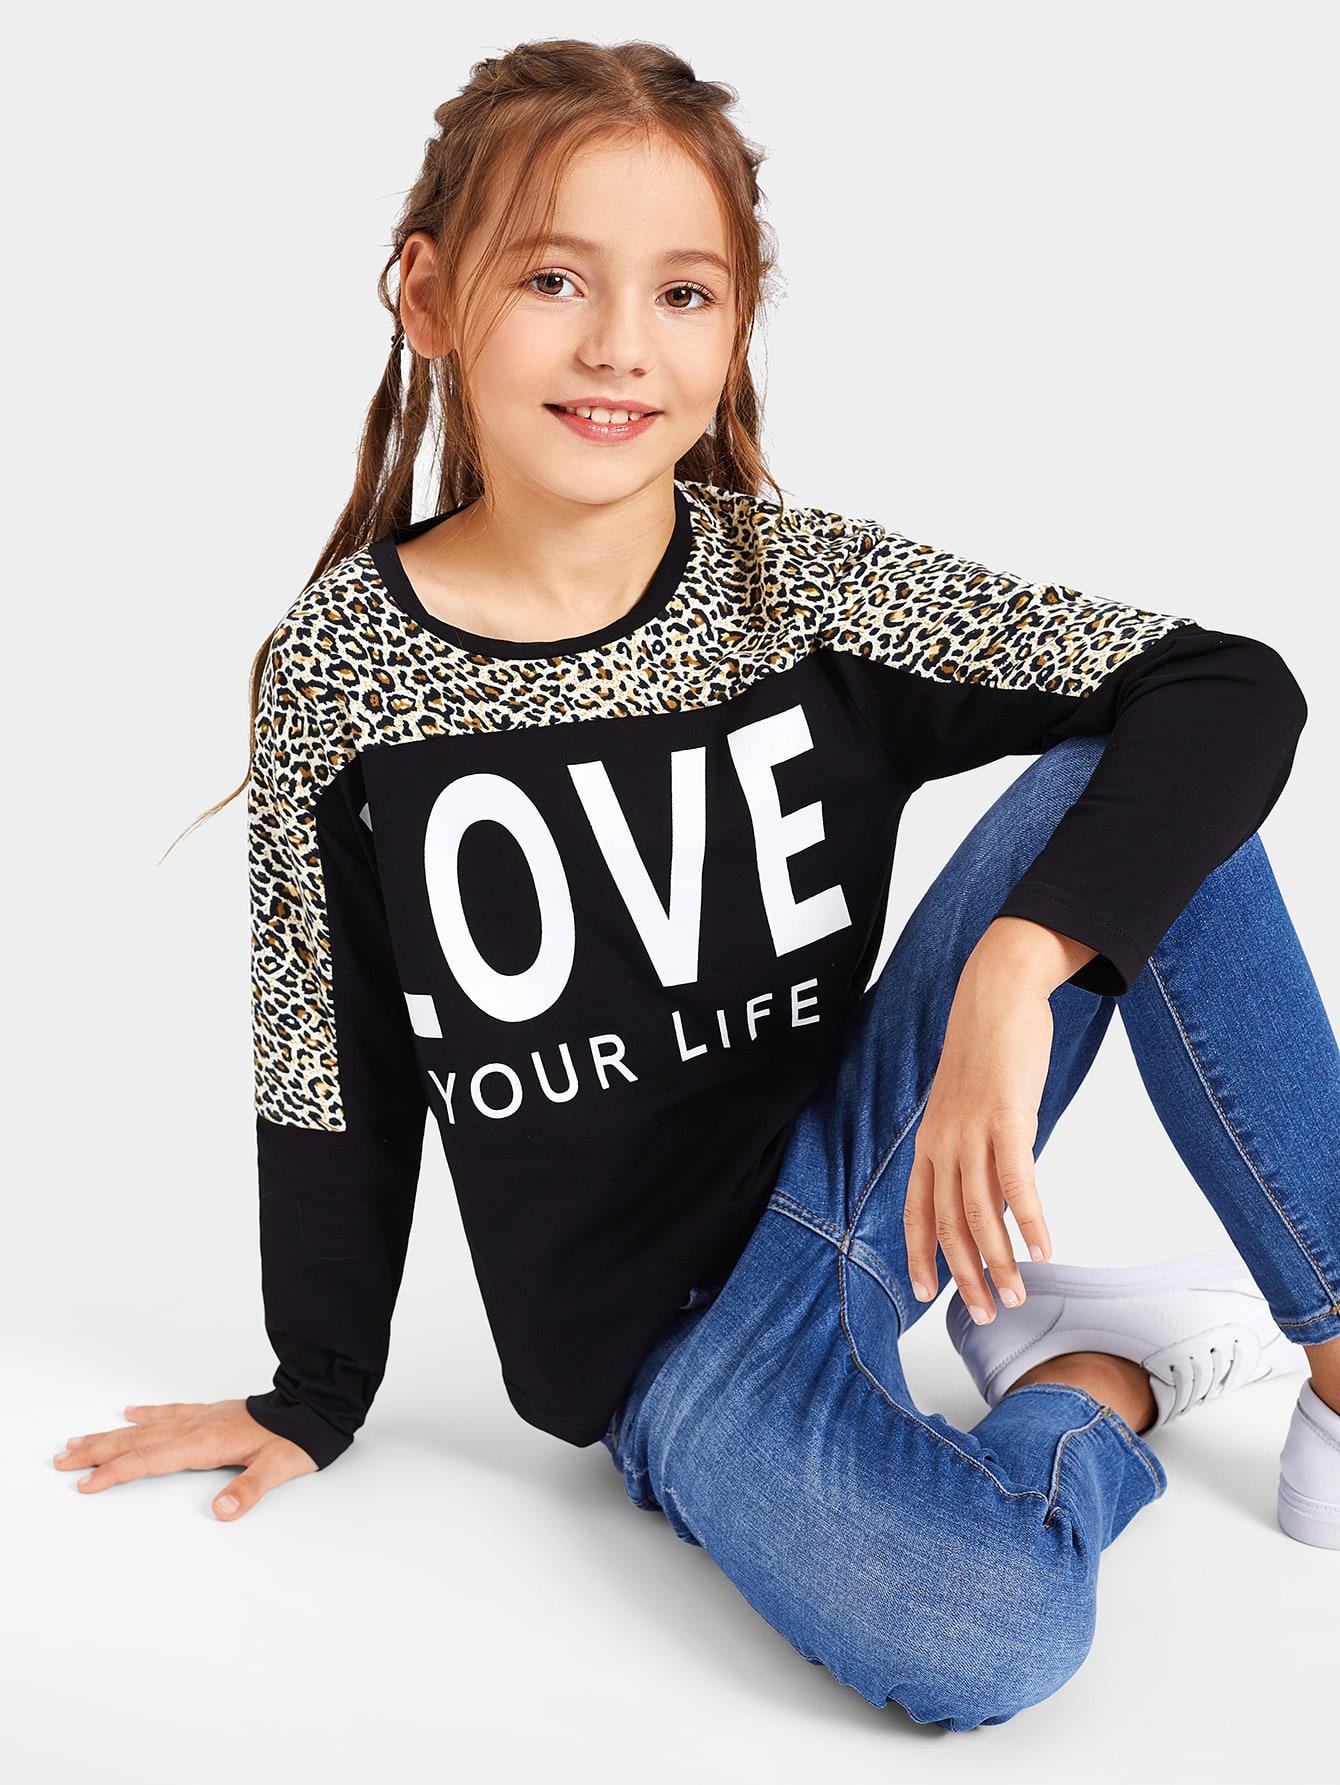 Купить Леопардовая футболка с текстовым принтом для девочек, Alice A, SheIn